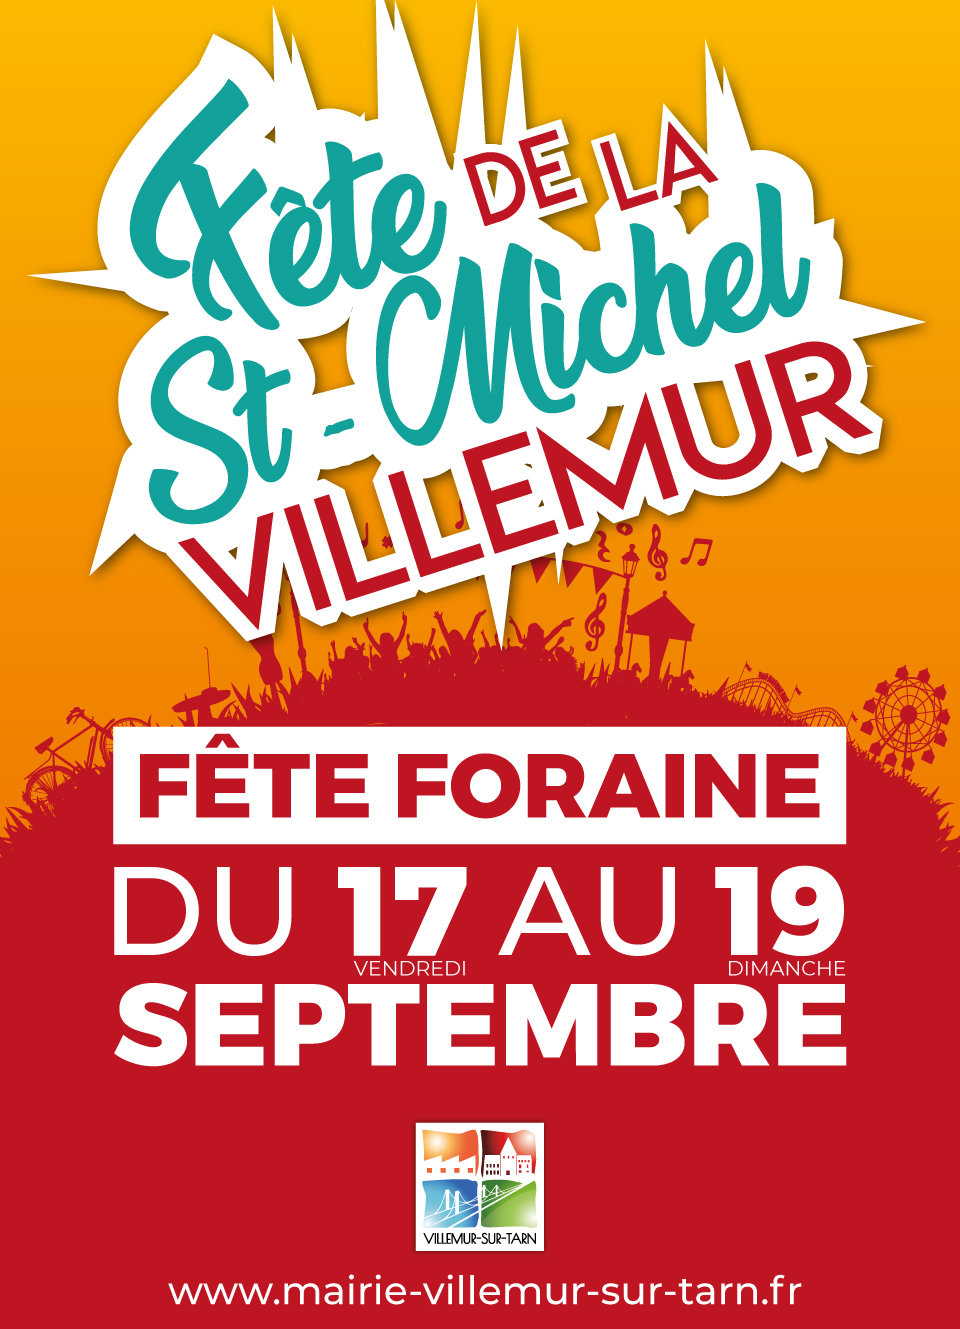 FÊTE FORAINE DE LA SAINT MICHEL   du 17 au 19 septembre